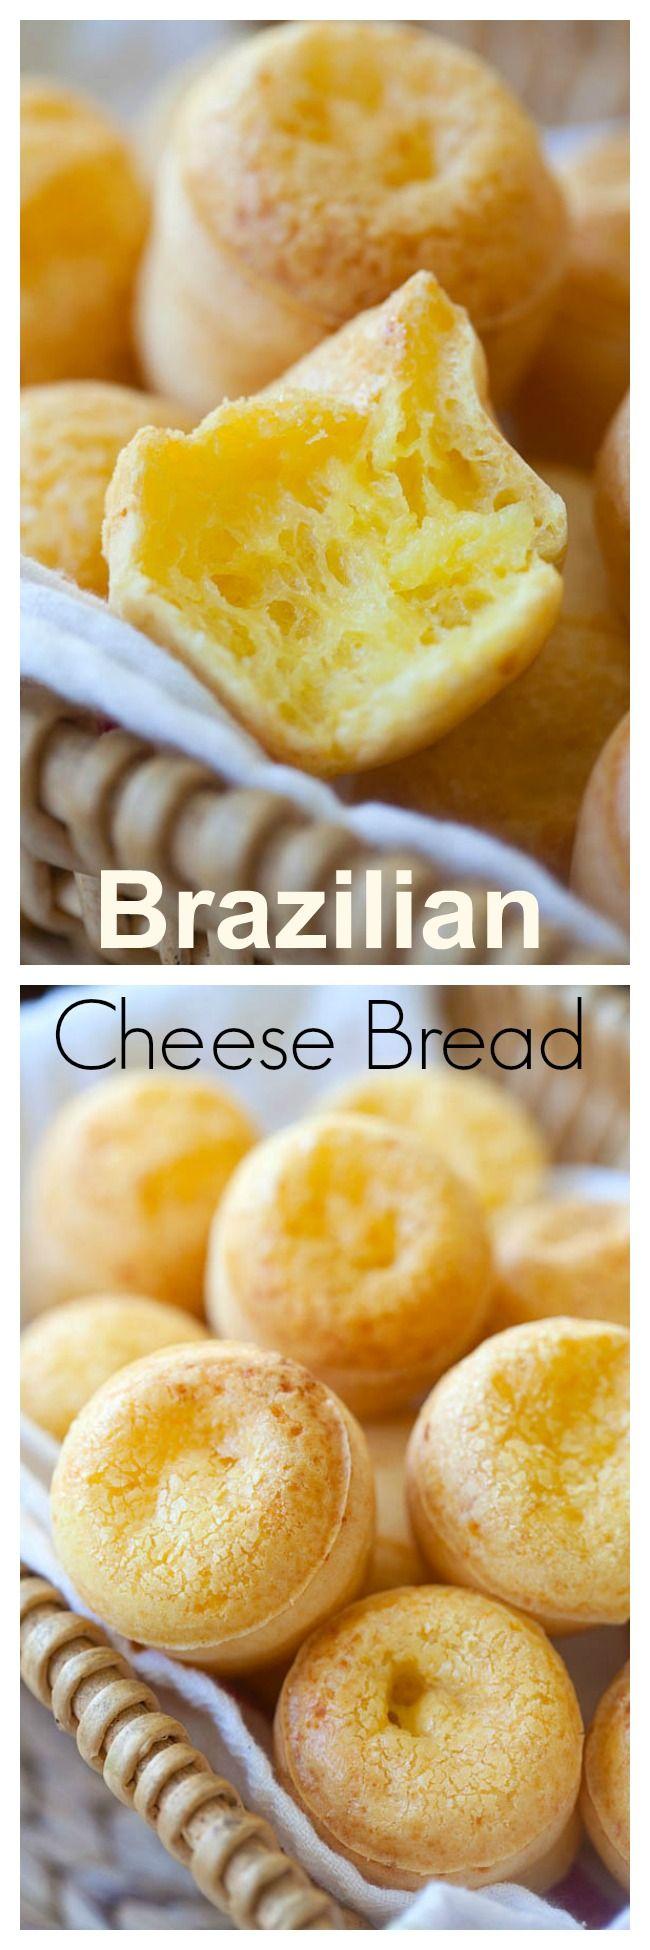 Brazilian cheese bread // Pan de queso Brasilero